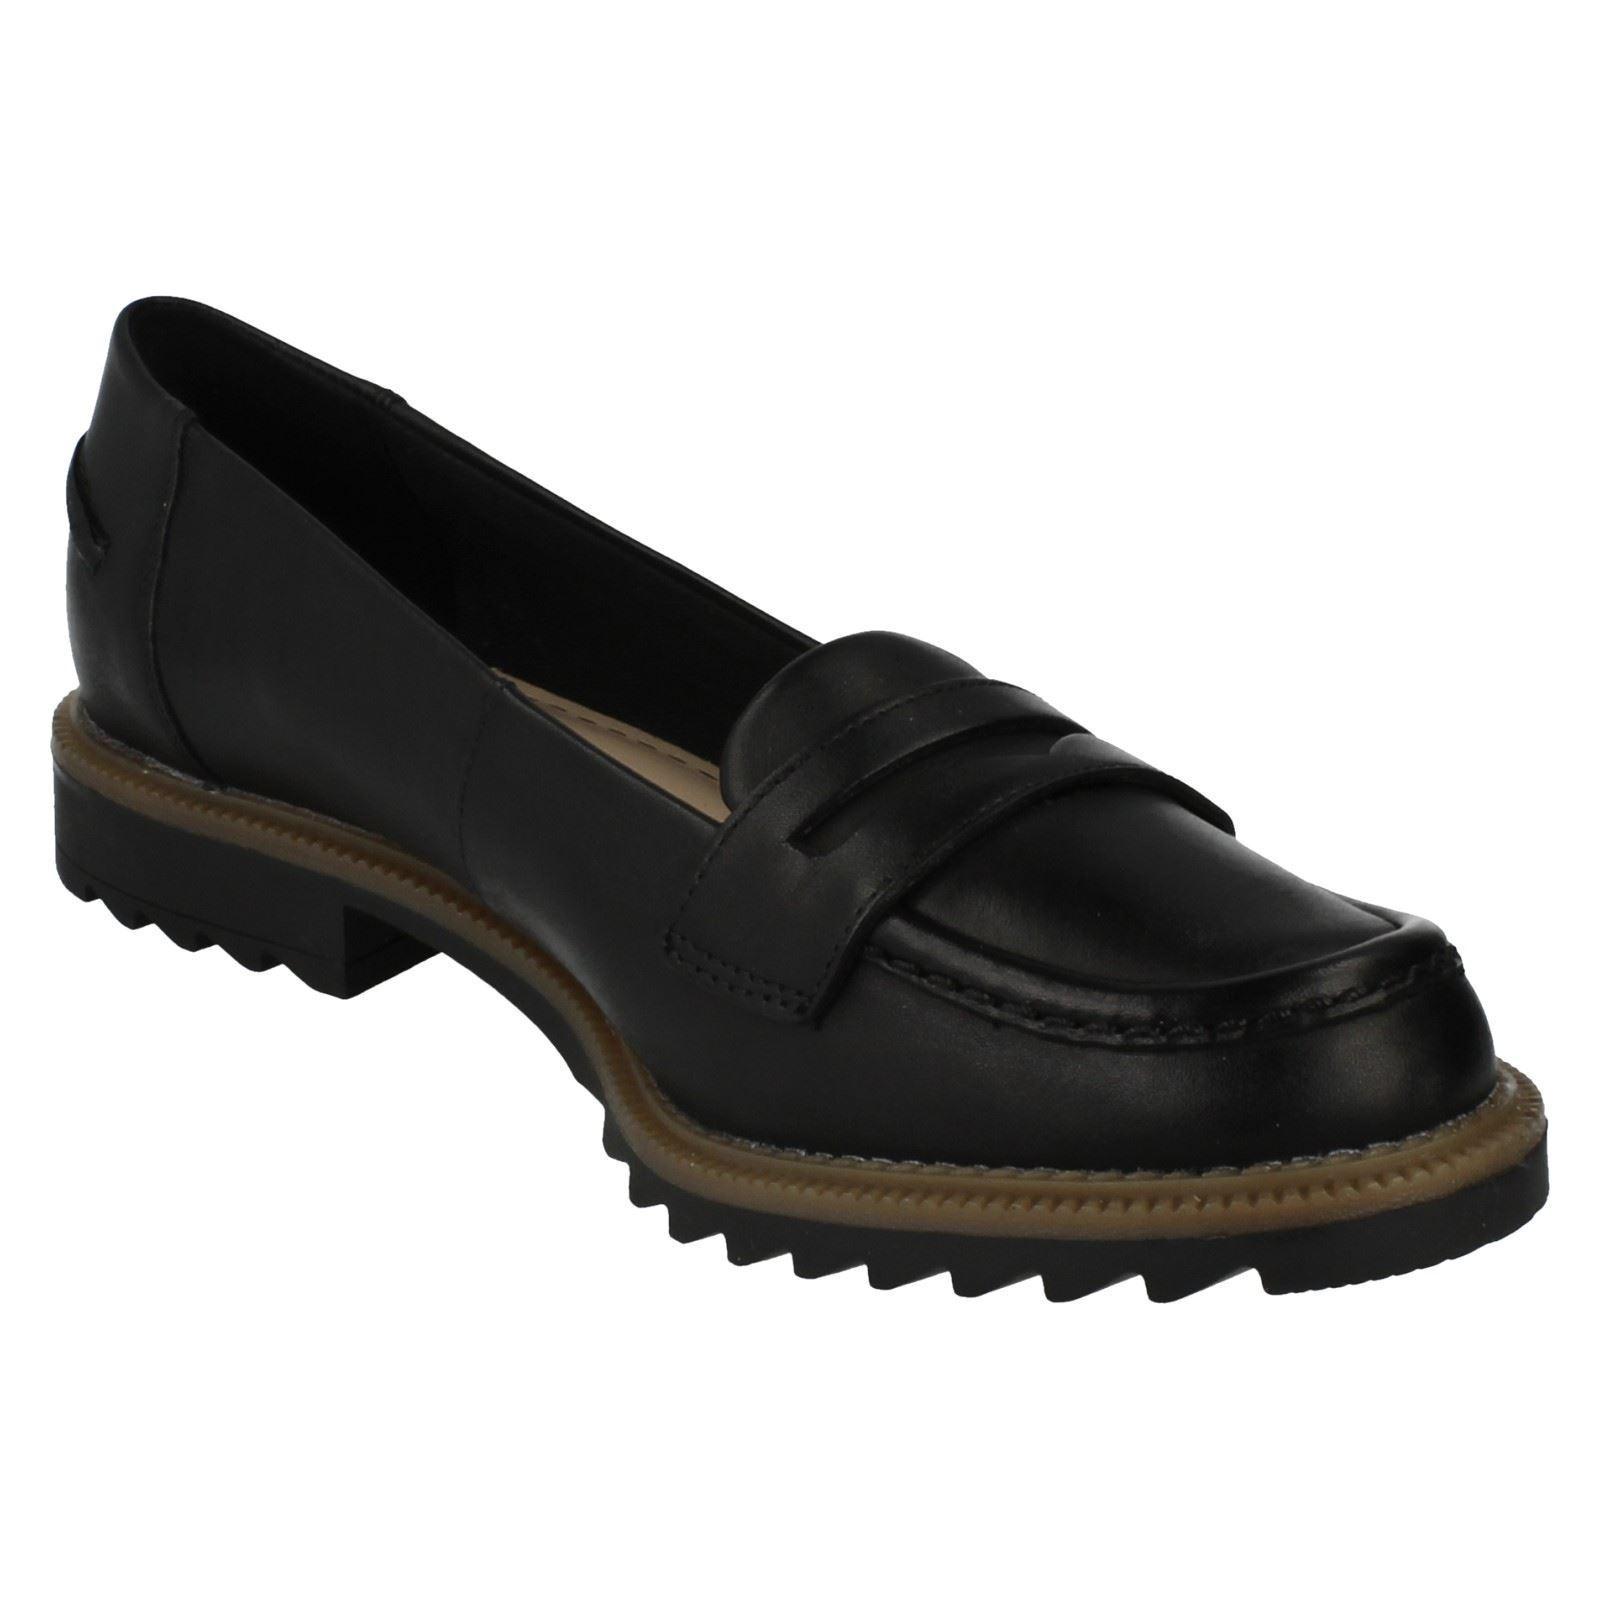 Damen Greifen Milly Schwarz Clarks Leder-Slipper Schuhe von Clarks Schwarz Einzelhandel ae07fd